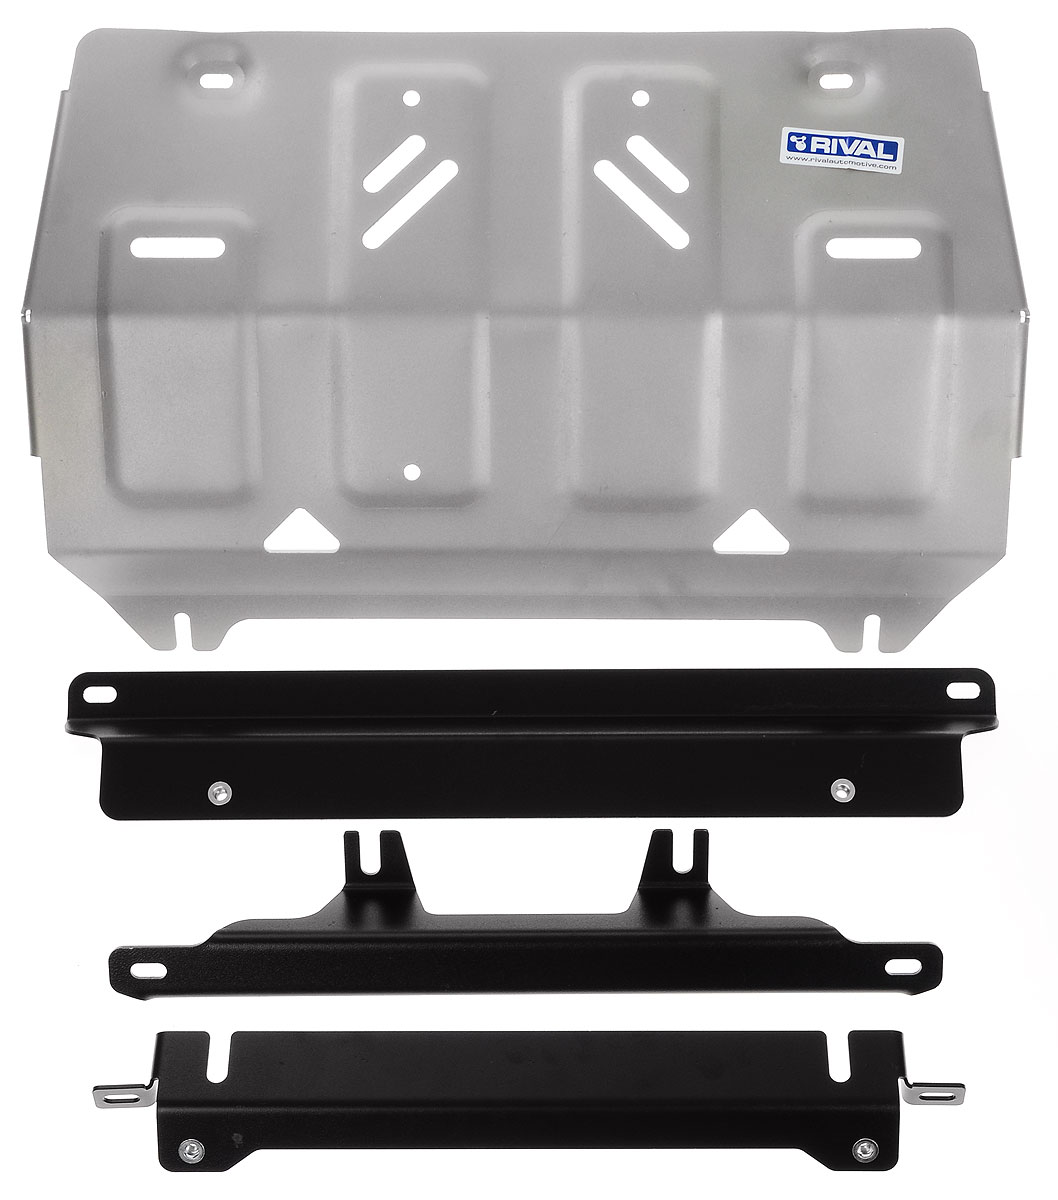 Защита картера Rival, для Mitsubishi L200. 333.4040.1K100Защита радиатора для Mitsubishi L200 4WD , V - 2,4DID; 2,4DID H.P. 2015-, крепеж в комплекте, алюминий 4 мм, Rival. Надежно защищают днище вашего автомобиля от повреждений, например при наезде на бордюры, а также выполняют эстетическую функцию при установке на высокие автомобили.- Толщина алюминиевых защит в 2 раза толще стальных, а вес при этом меньше до 30%.- Отлично отводит тепло от двигателя своей поверхностью, что спасает двигатель от перегрева в летний период или при высоких нагрузках.- В отличие от стальных, алюминиевые защиты не поддаются коррозии, что гарантирует срок службы защит более 5 лет.- Покрываются порошковой краской, что надолго сохраняет первоначальный вид новой защиты и защищает от гальванической коррозии.- Глубокий штамп дополнительно усиливает конструкцию защиты.- Подштамповка в местах крепления защищает крепеж от срезания.- Технологические отверстия там, где они необходимы для смены масла и слива воды, оборудованные заглушками, надежно закрепленными на защите.Уважаемые клиенты!Обращаем ваше внимание, на тот факт, что защита имеет форму, соответствующую модели данного автомобиля. Фото служит для визуального восприятия товара.